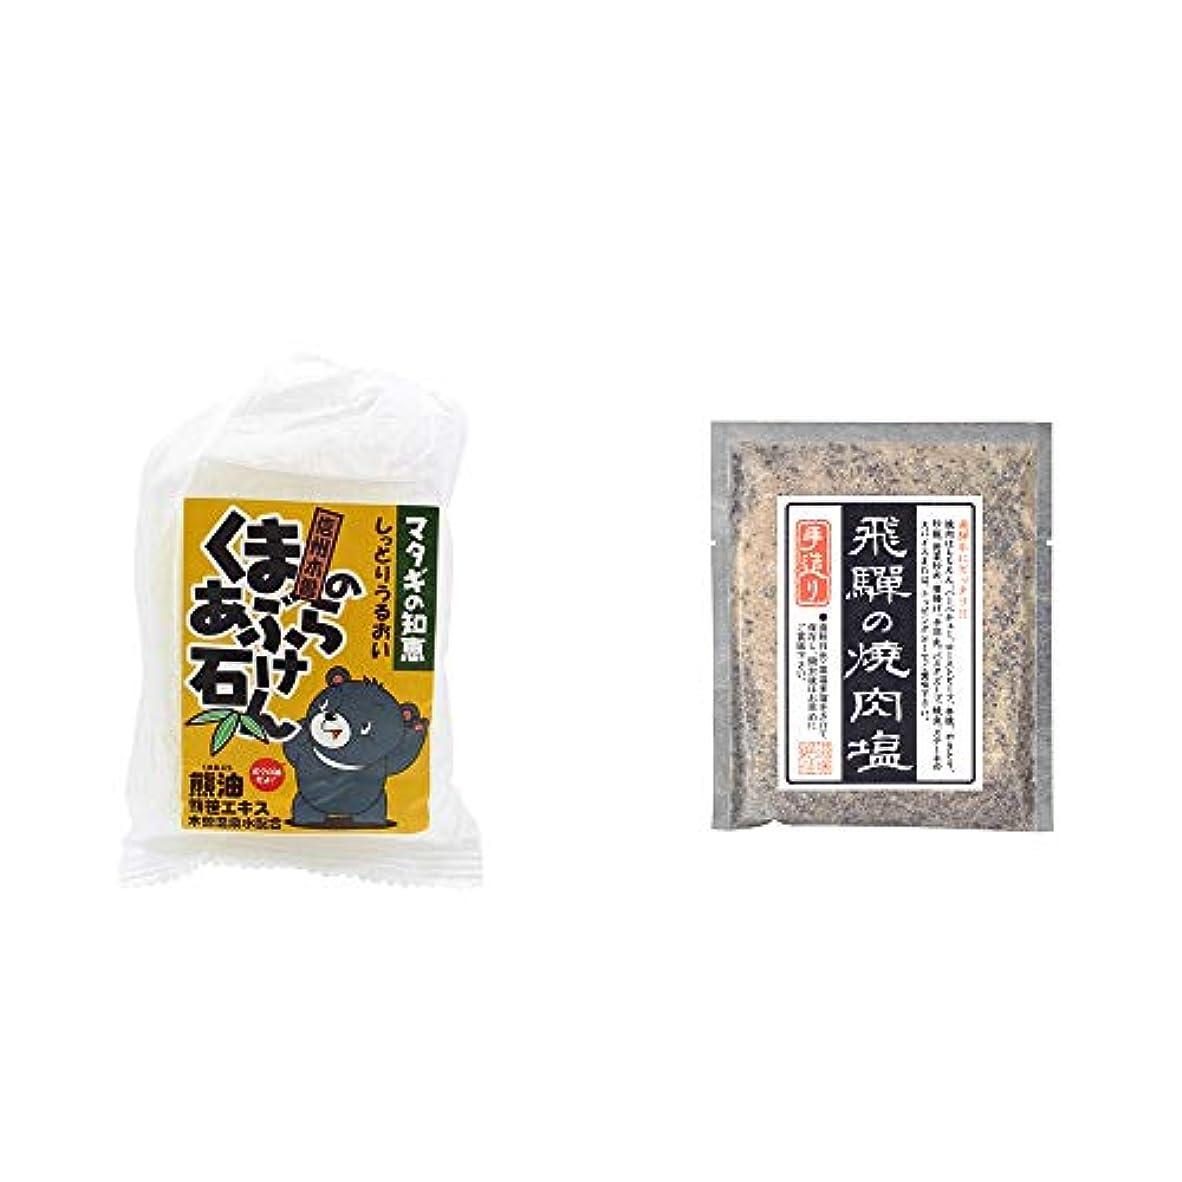 [2点セット] 信州木曽 くまのあぶら石けん(80g)?手造り 飛騨の焼肉塩(80g)